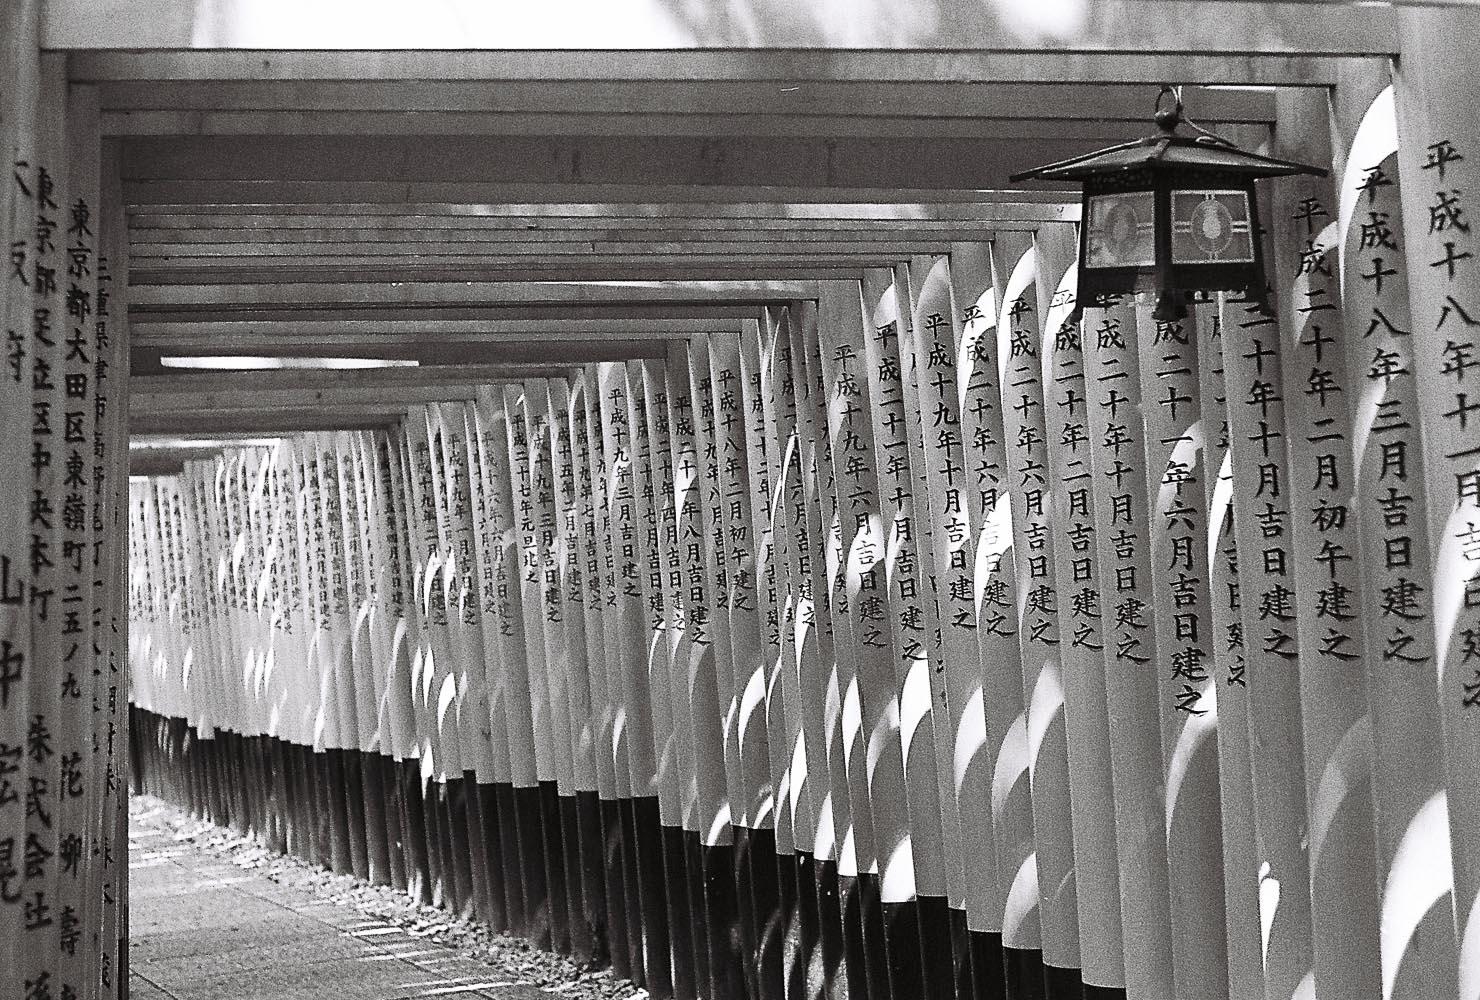 Kyoto Diary 1